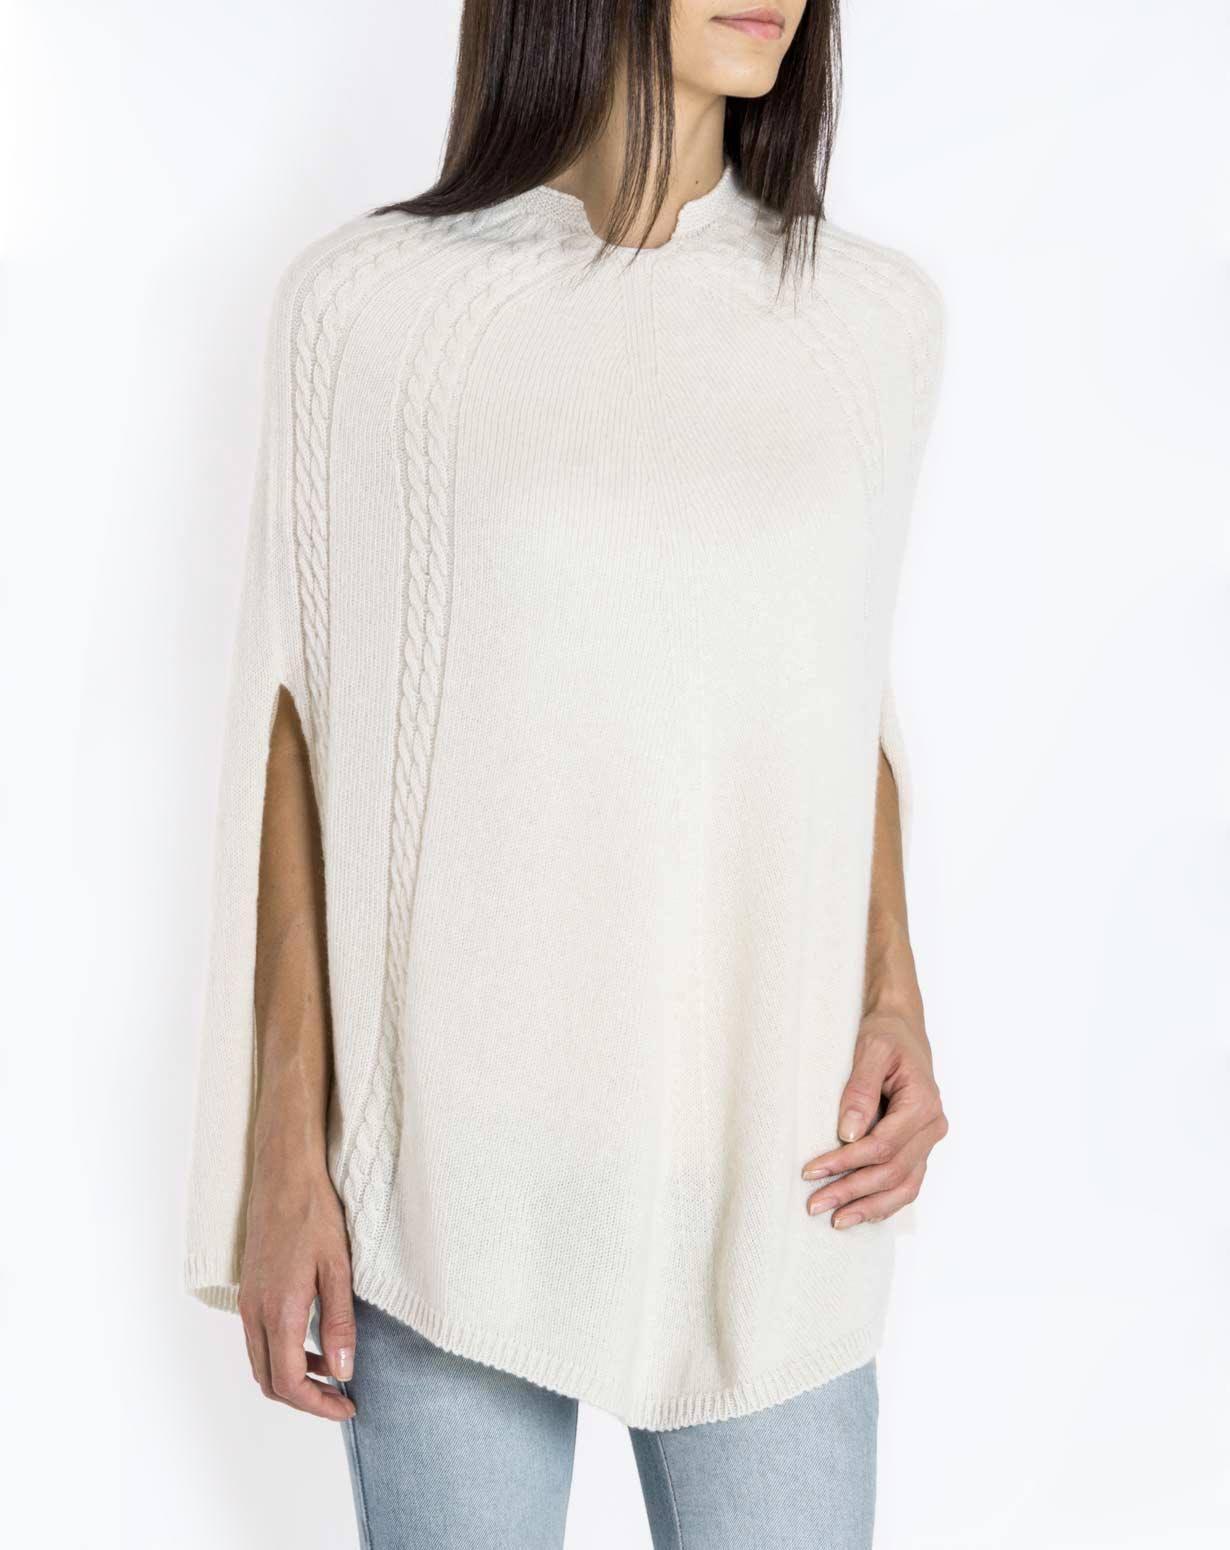 Women's Pure Cashmere Cable Knit Poncho | MaisonCashmere